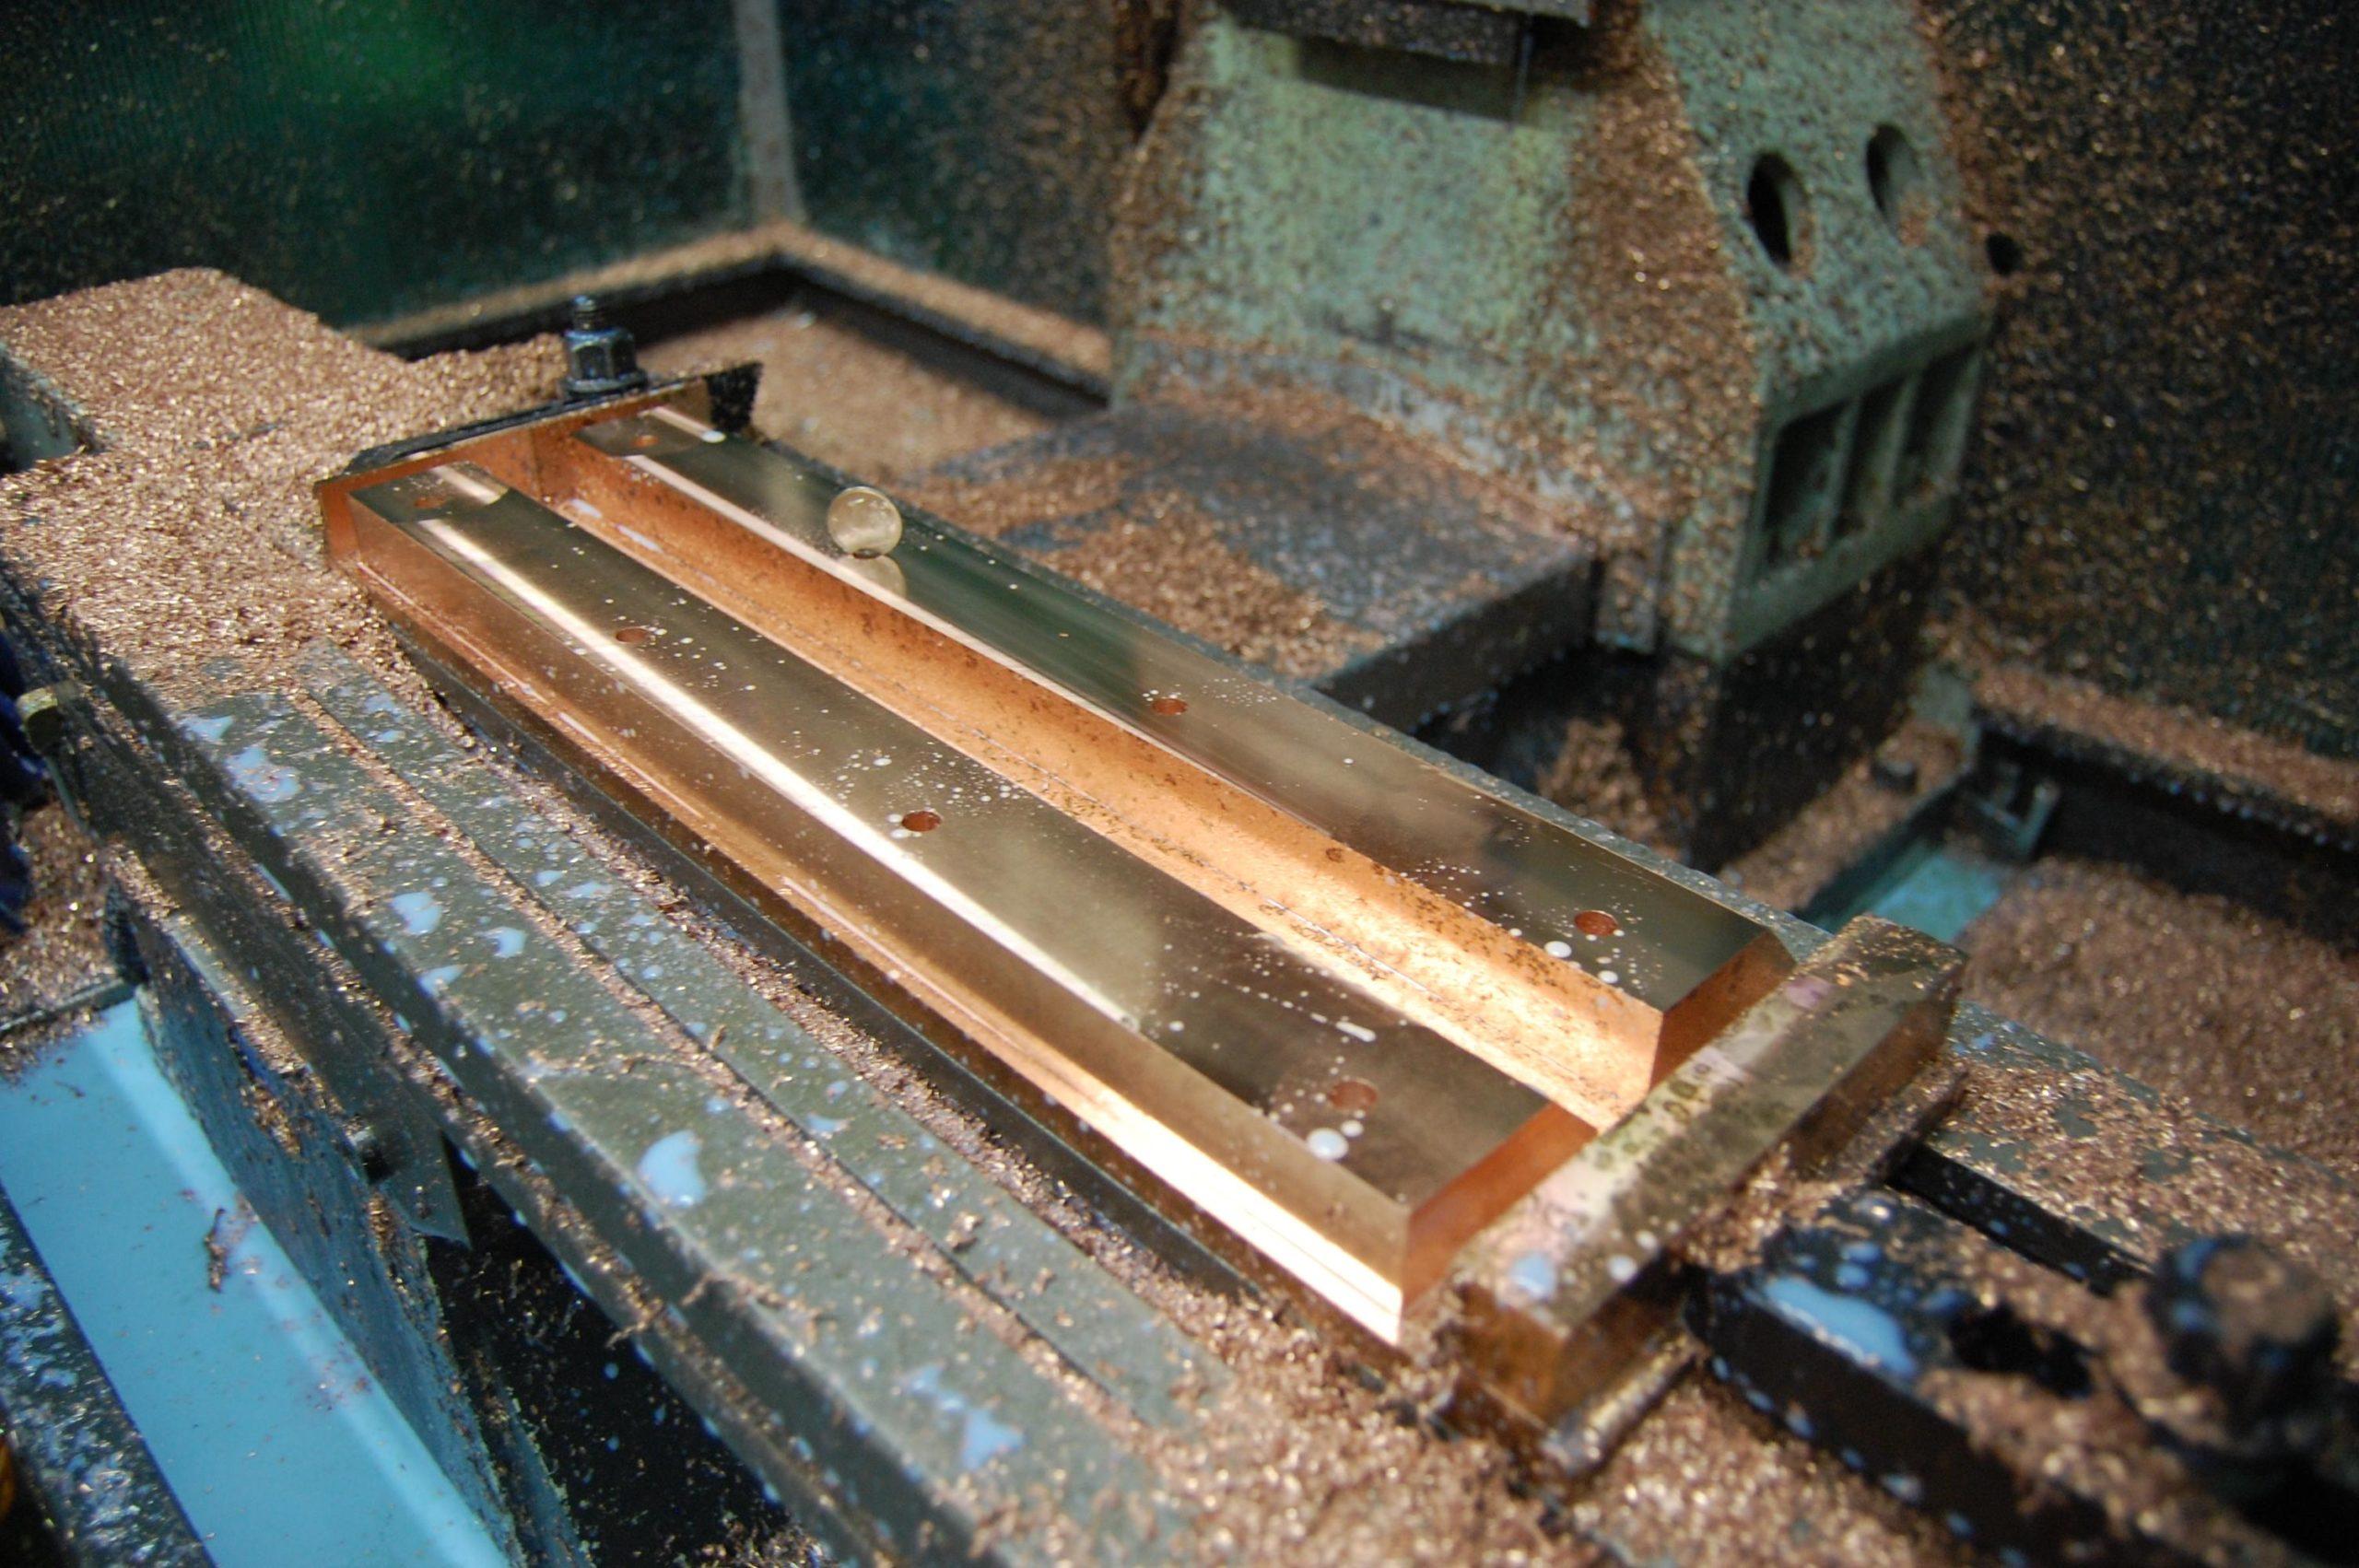 Фрезерная обработка деталей и материалов - основные понятия